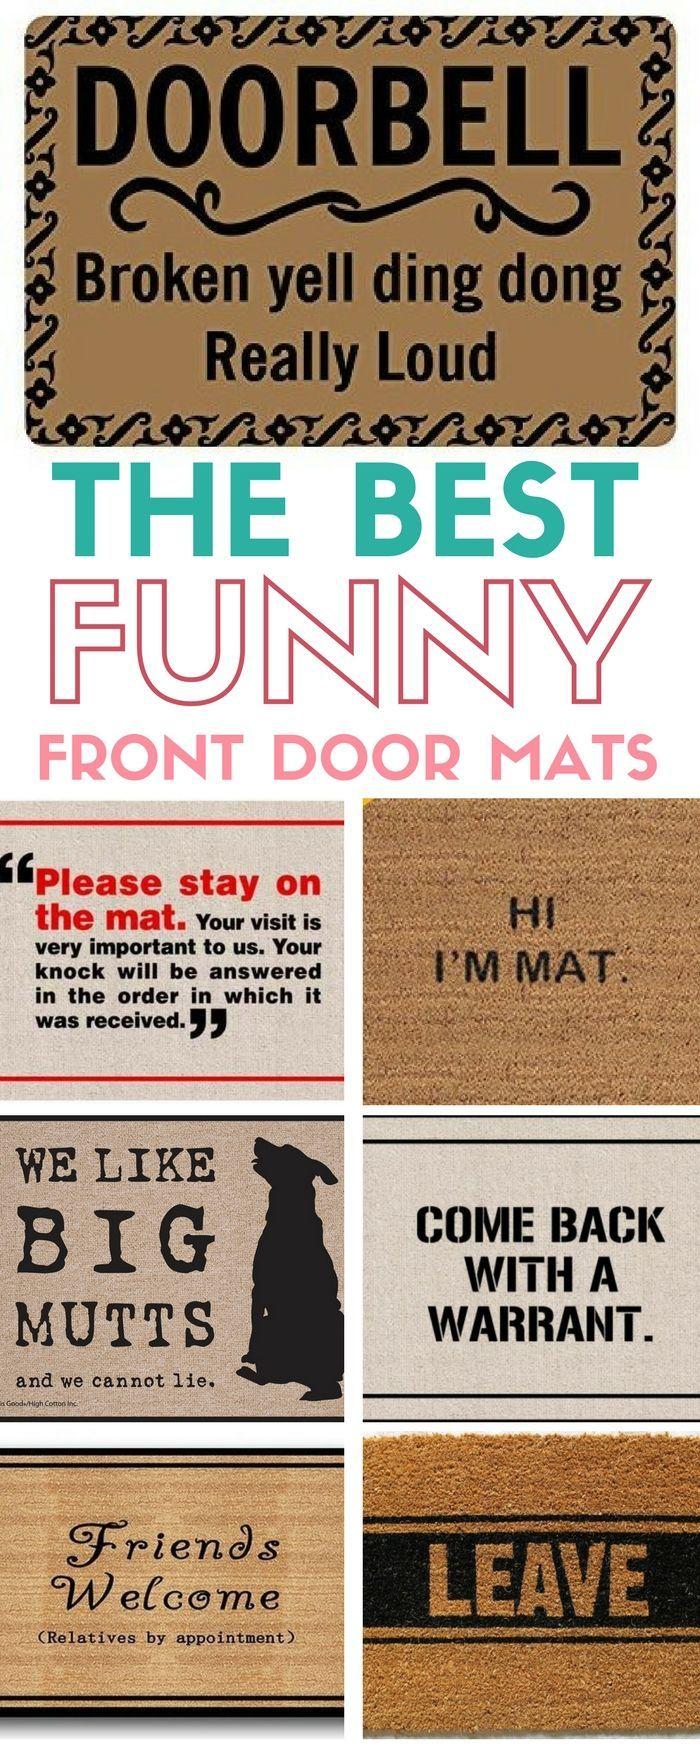 The Best Funny Front Door Mats On Amazon Funny Front Door Mats